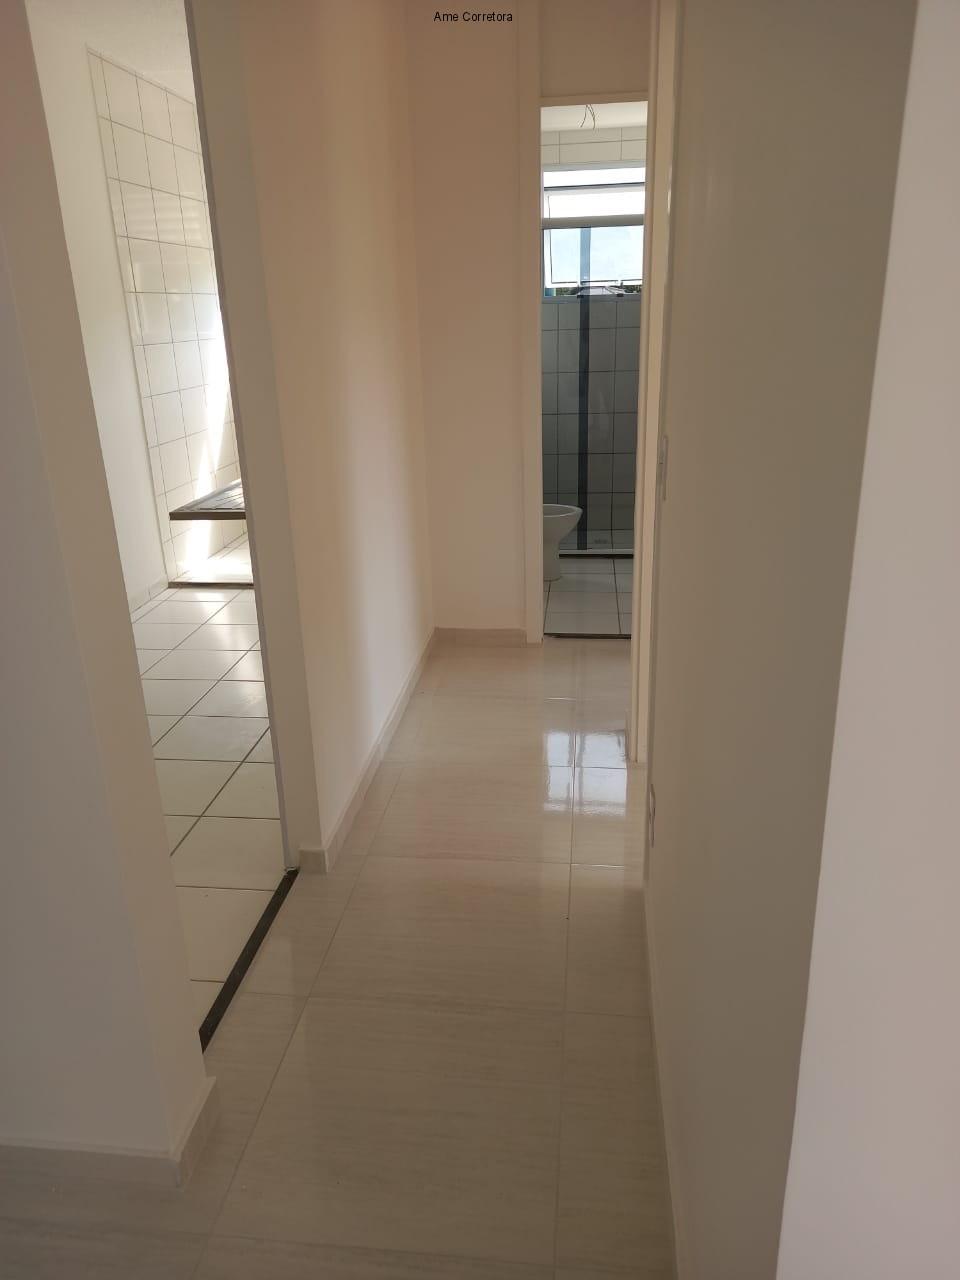 FOTO 10 - Apartamento 2 quartos à venda Taquara, Rio de Janeiro - R$ 270.000 - AP00389 - 11